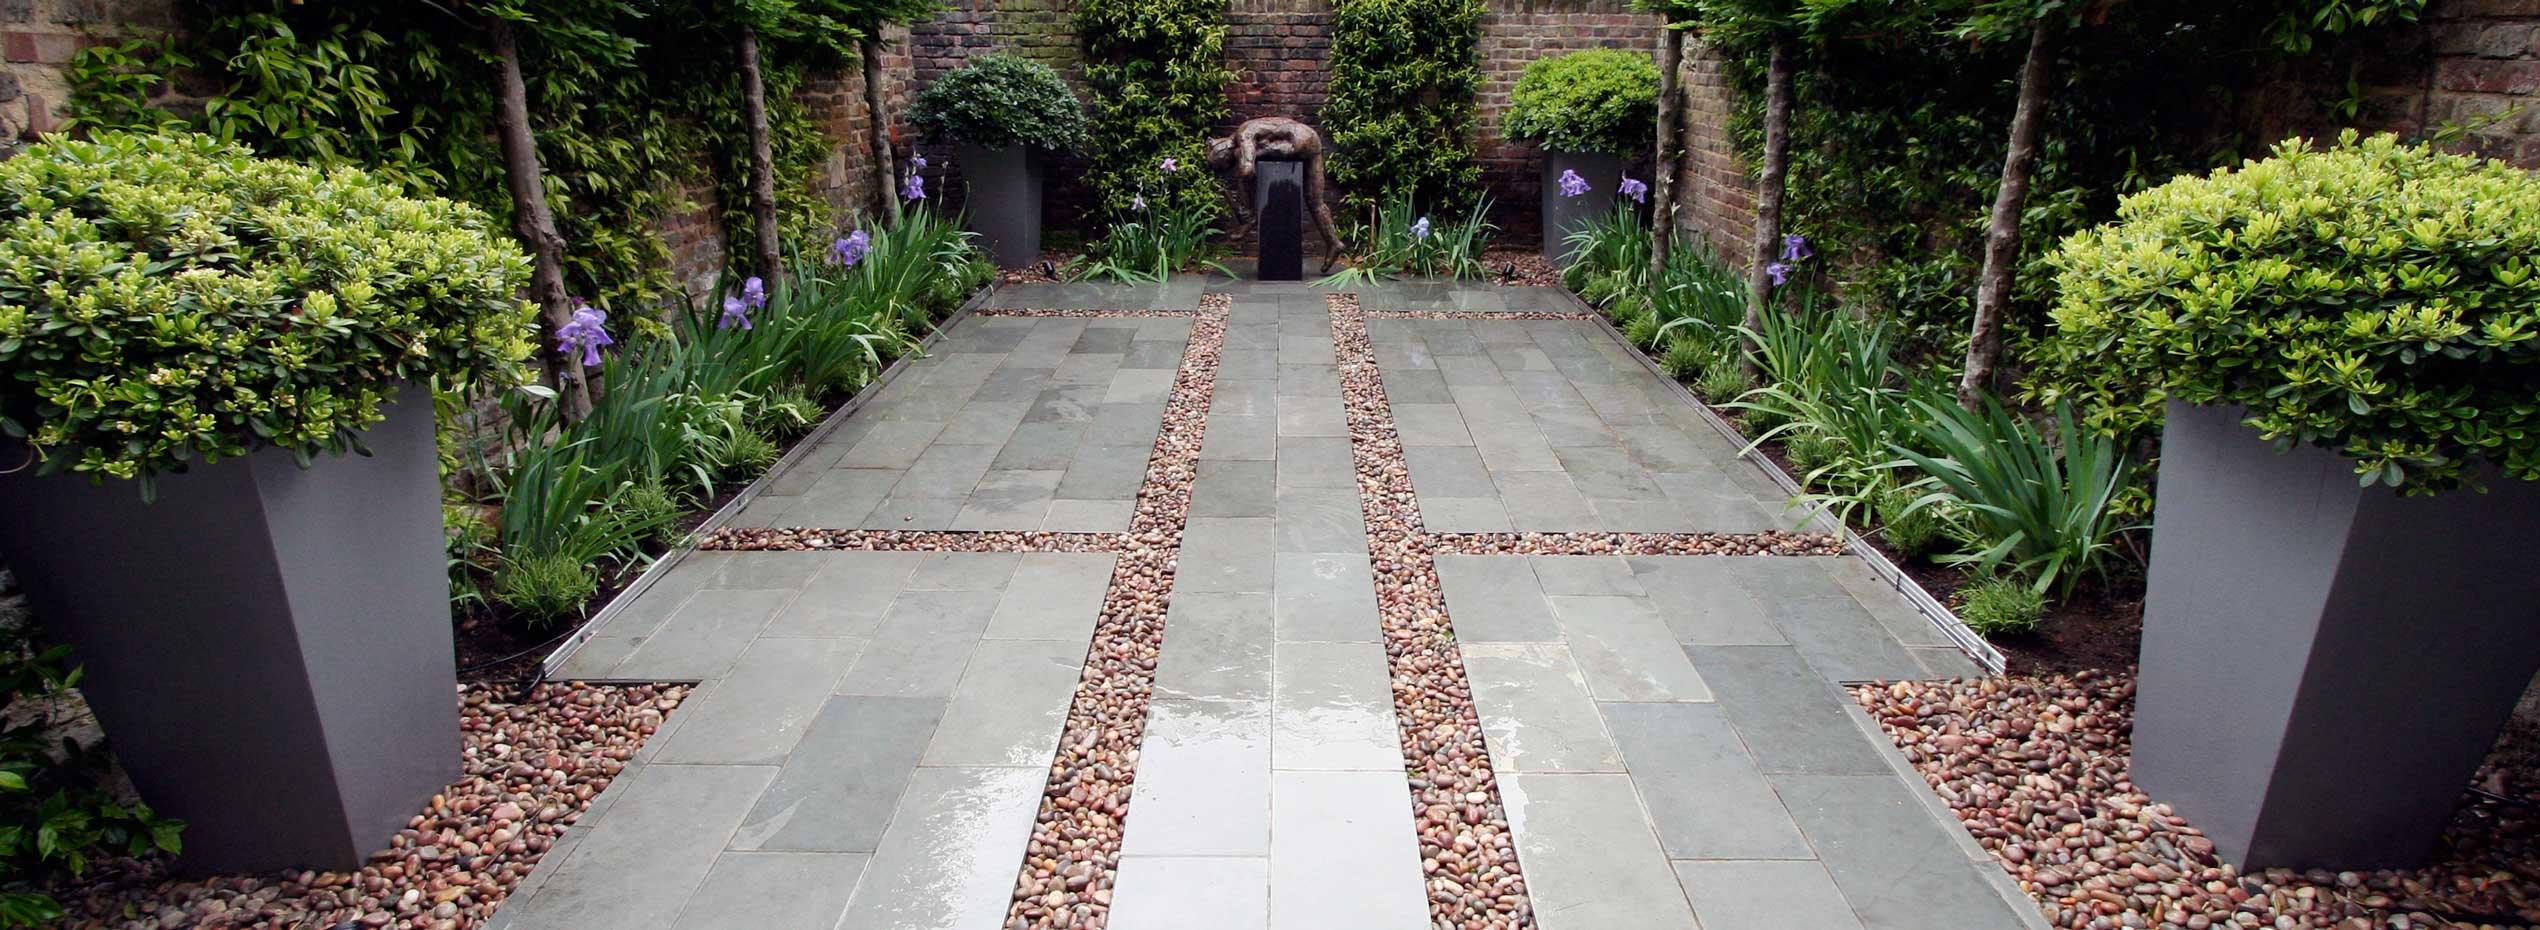 Garden Design in London, 4